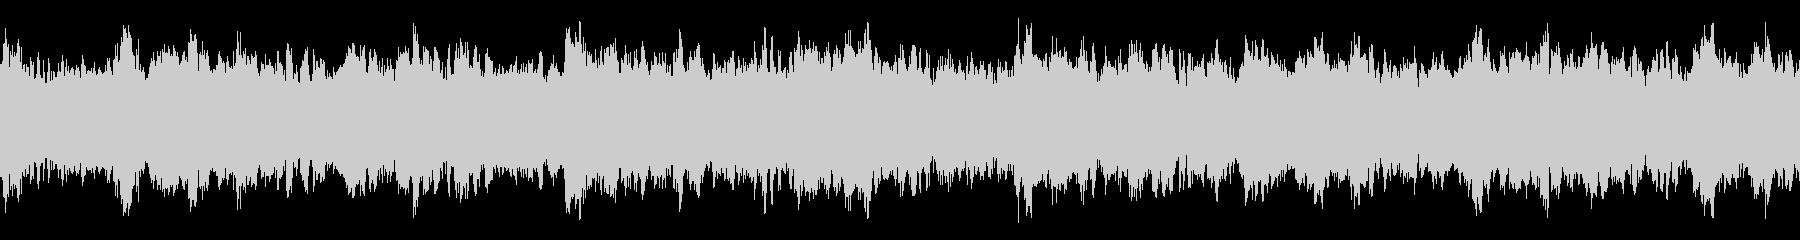 ホラー謎解き不可解静か・ループシンセの未再生の波形